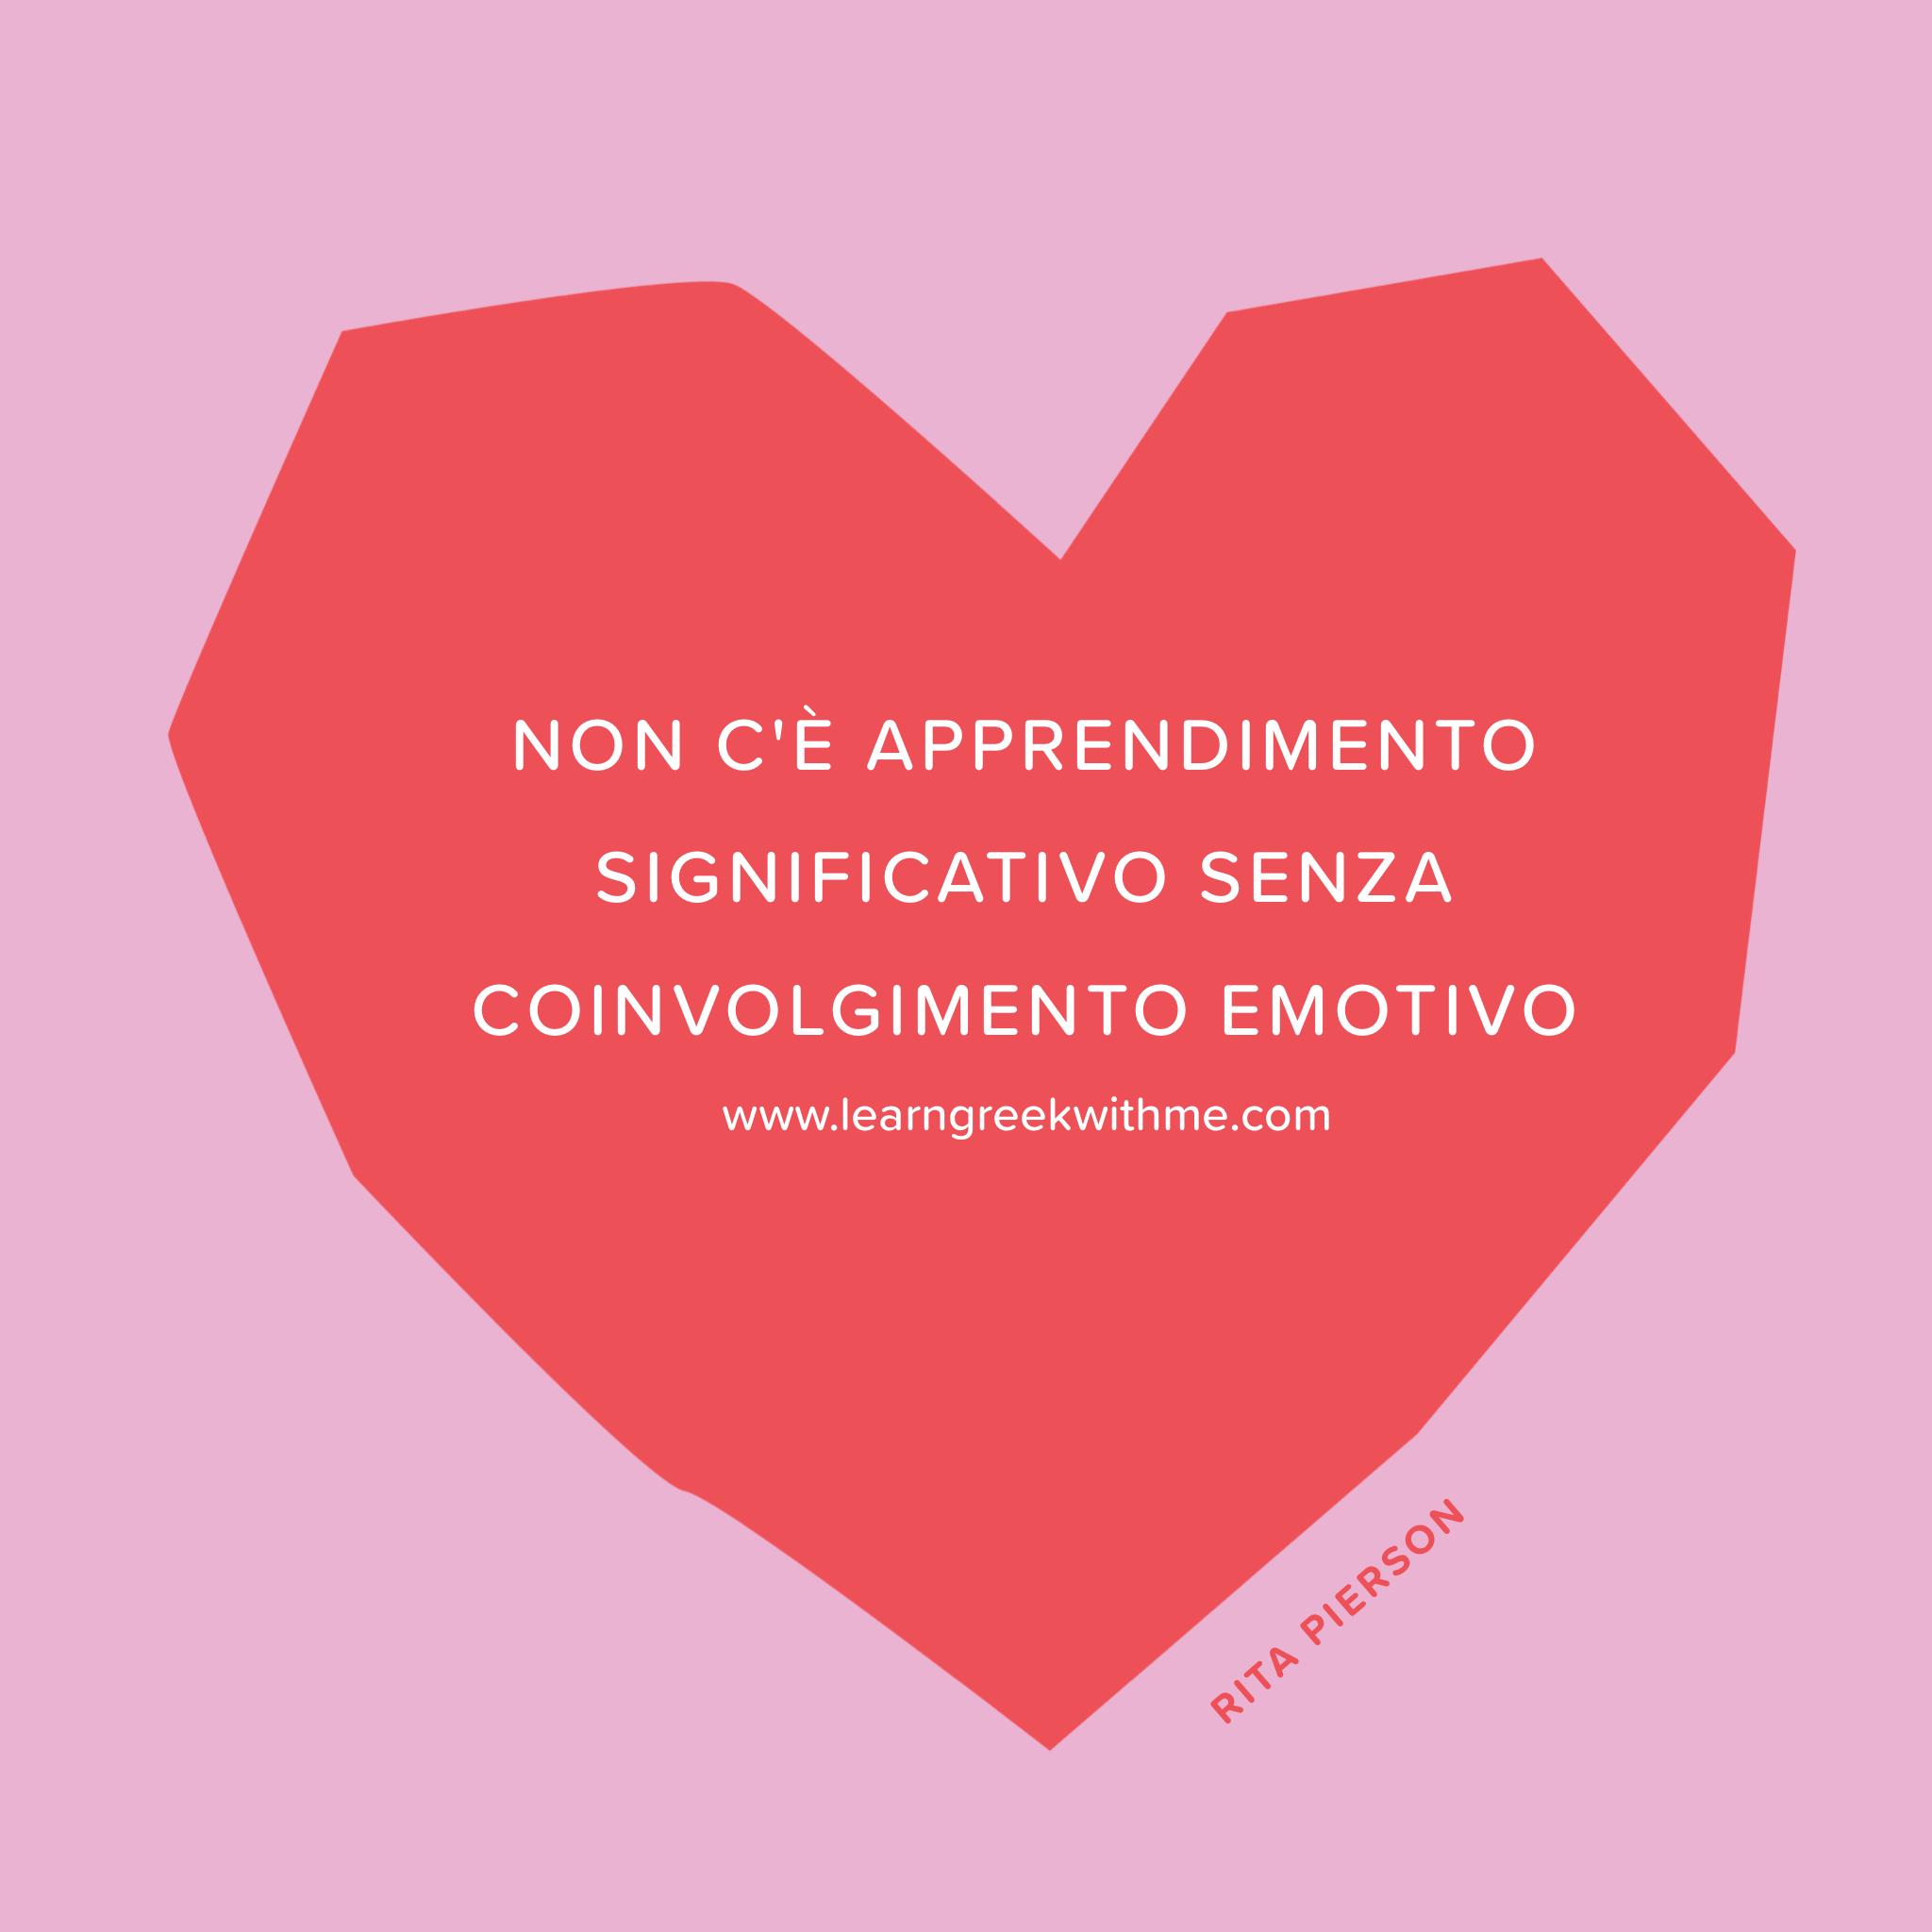 Non c'è apprendimento significativo senza coinvolgimento emotivo